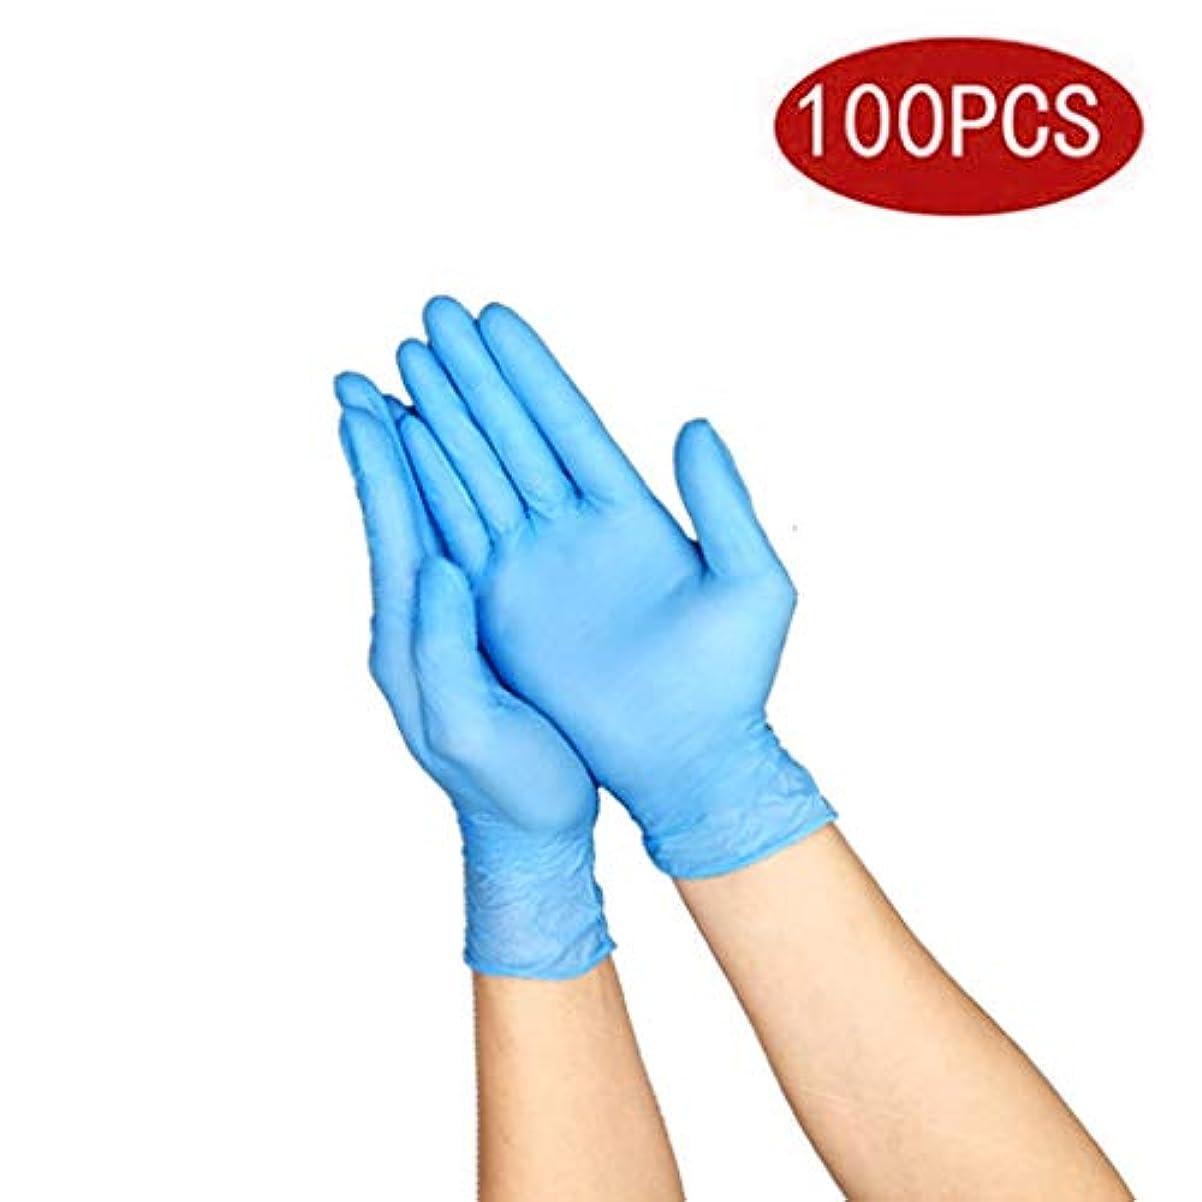 算術カーテンアルミニウム9インチ使い捨てニトリル手袋ラテックス手袋100のラバー食品グレードホームペットケアボックス (Size : L)